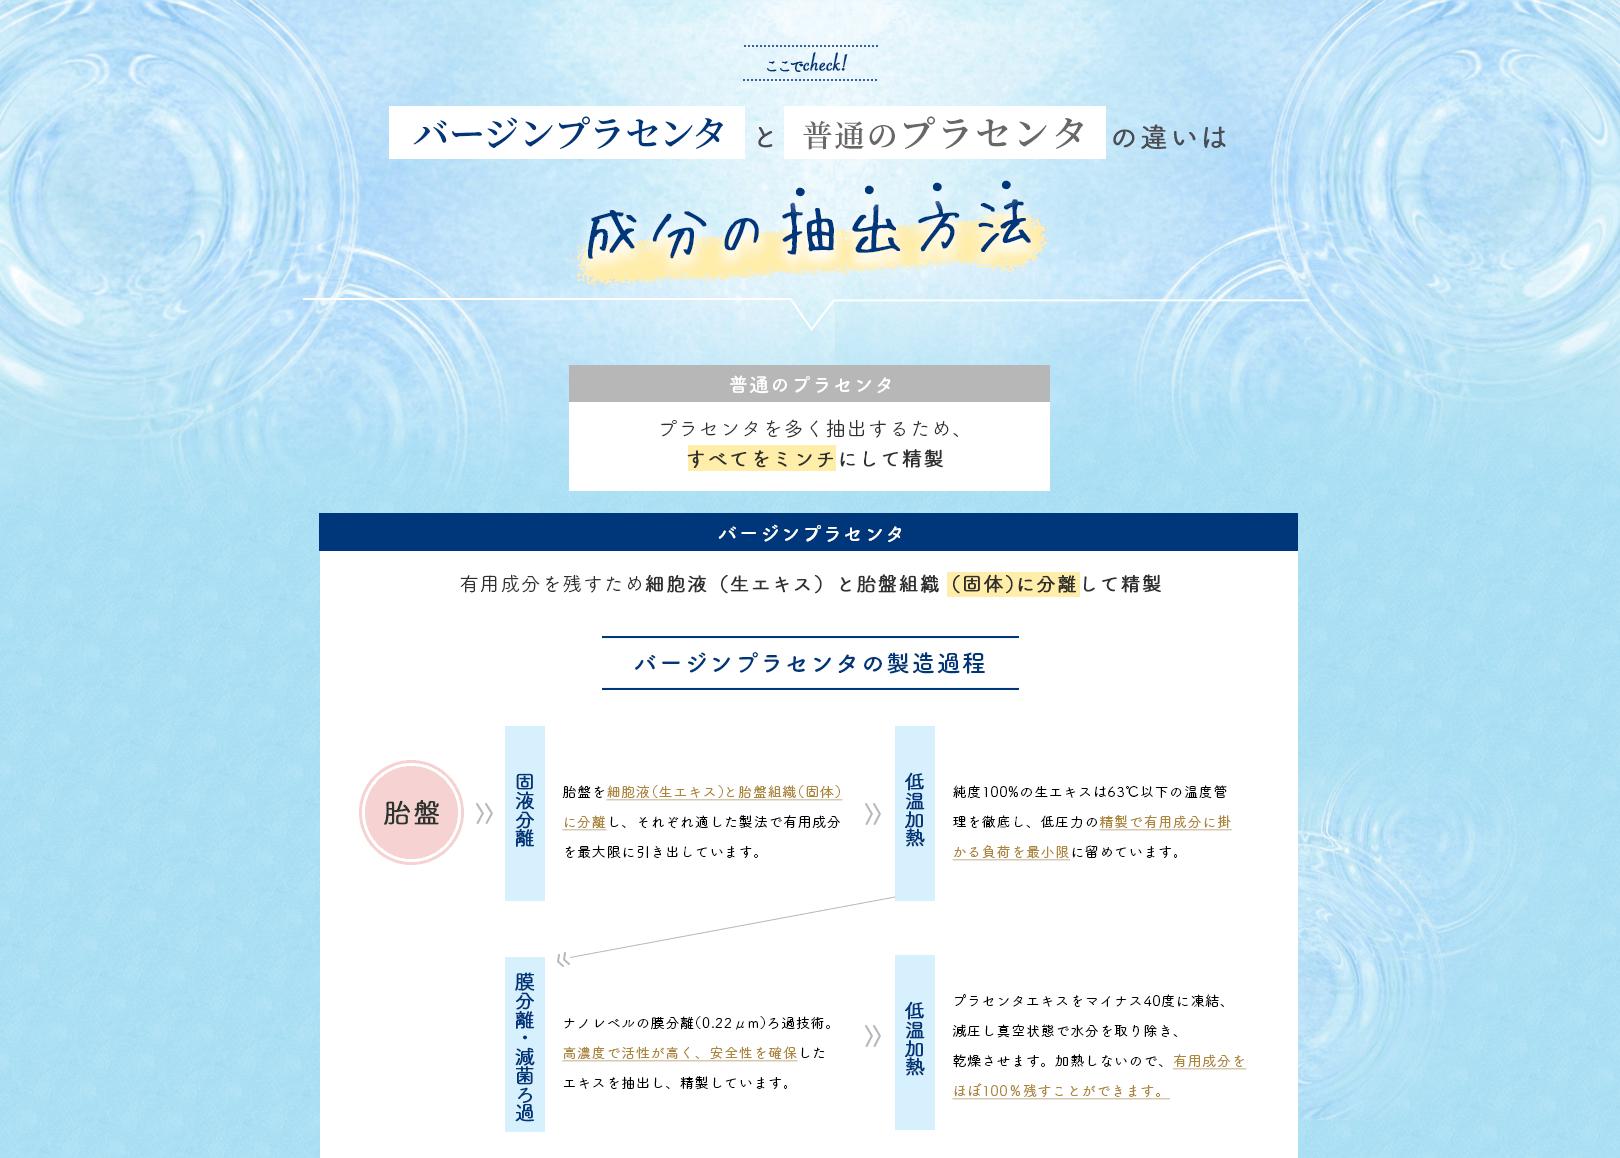 バージンプラセンタと普通のプラセンタの違いは成分の抽出方法